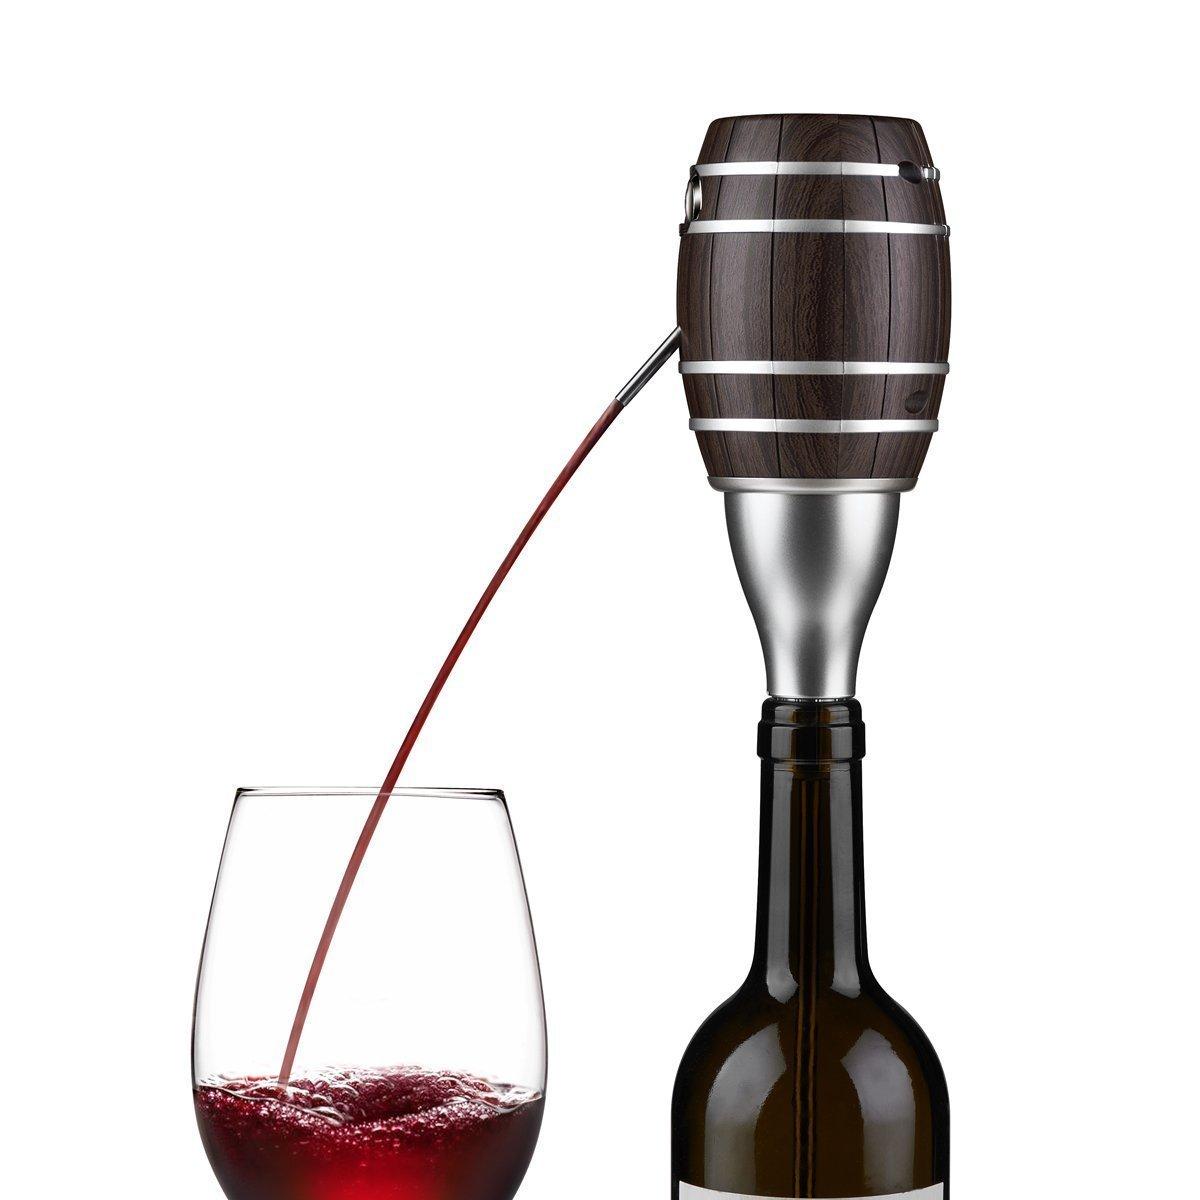 E-Wein Luftsprudler Spender Electronic Dekanter Pumpe Ausgieß er Auslauf Wasserhahn Luxus Batteriebetrieb Barrel Flasche Stopper Tank Zubehö r Geschenk innovations plus